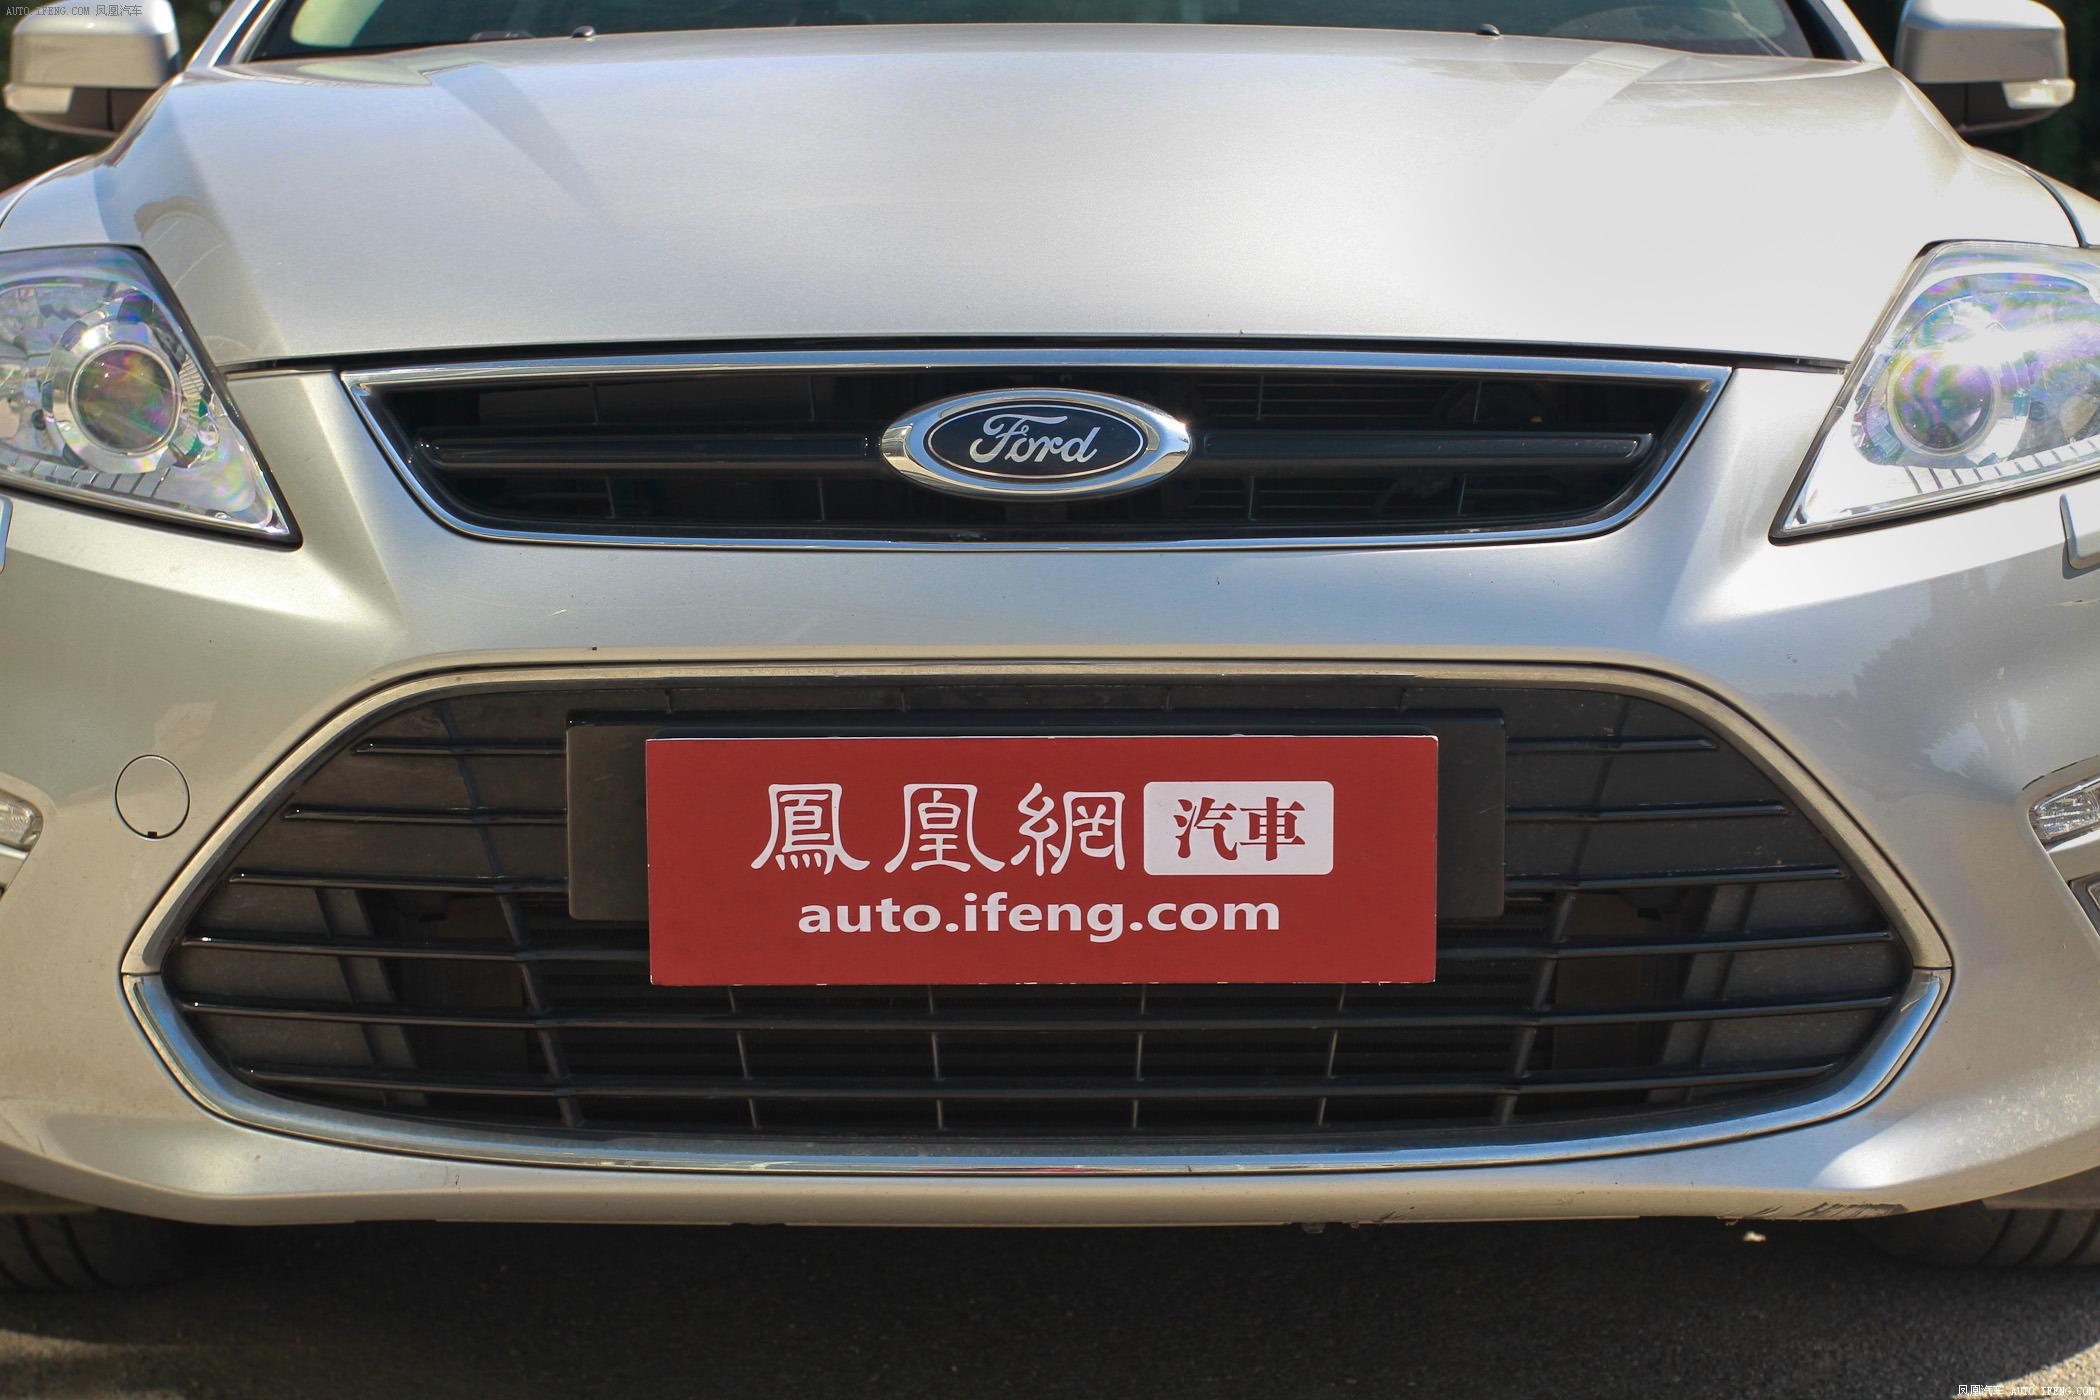 2011款 福特蒙迪欧-致胜 2.0l gtdi240豪华运动型